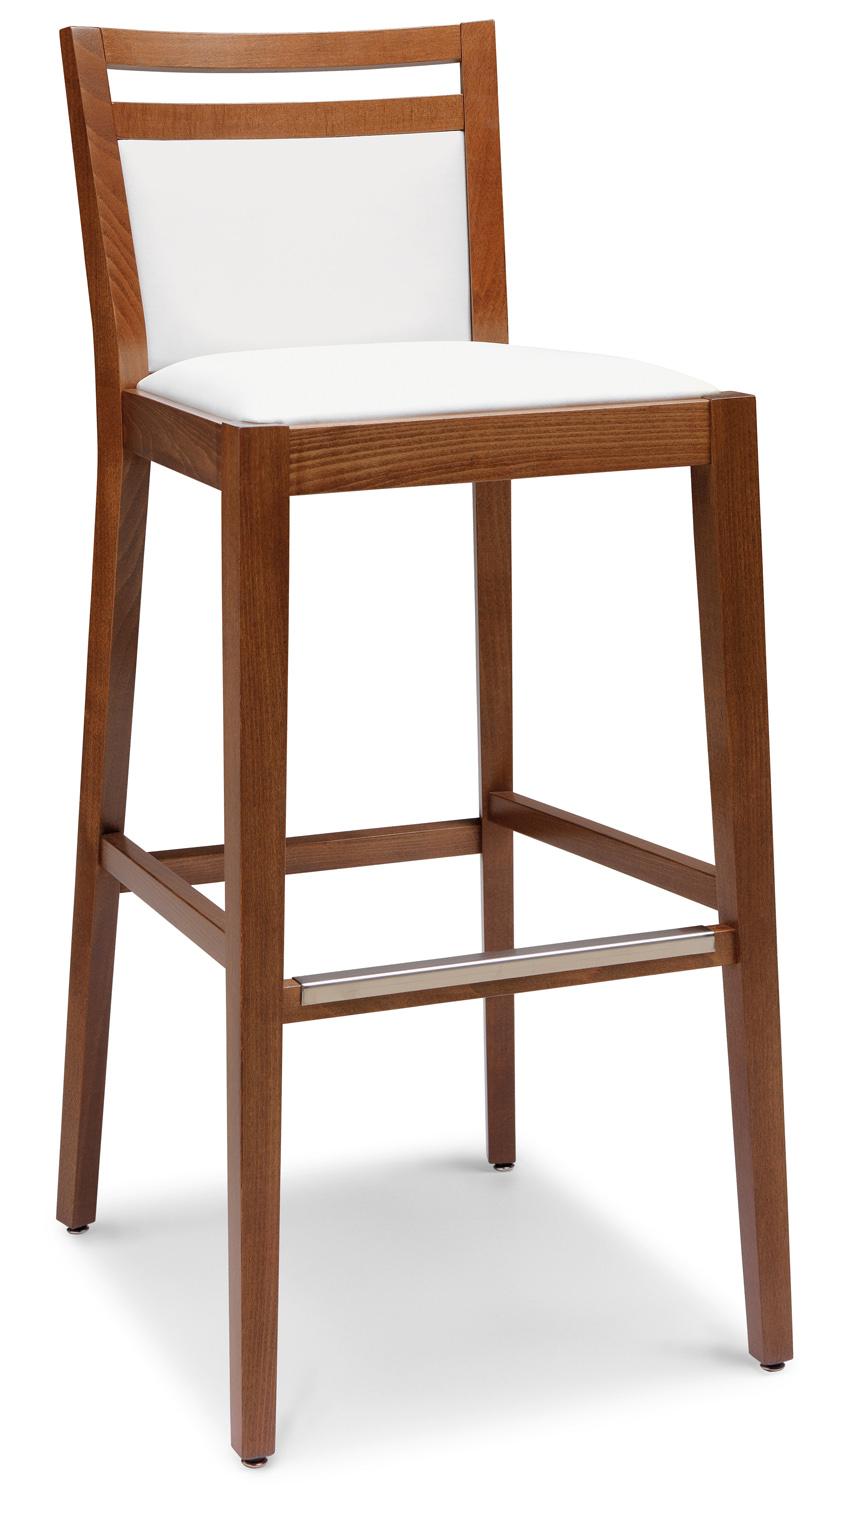 Sedie e tavoli perfect moema sediebar sediebar sediebar for Calligaris arredamenti catalogo